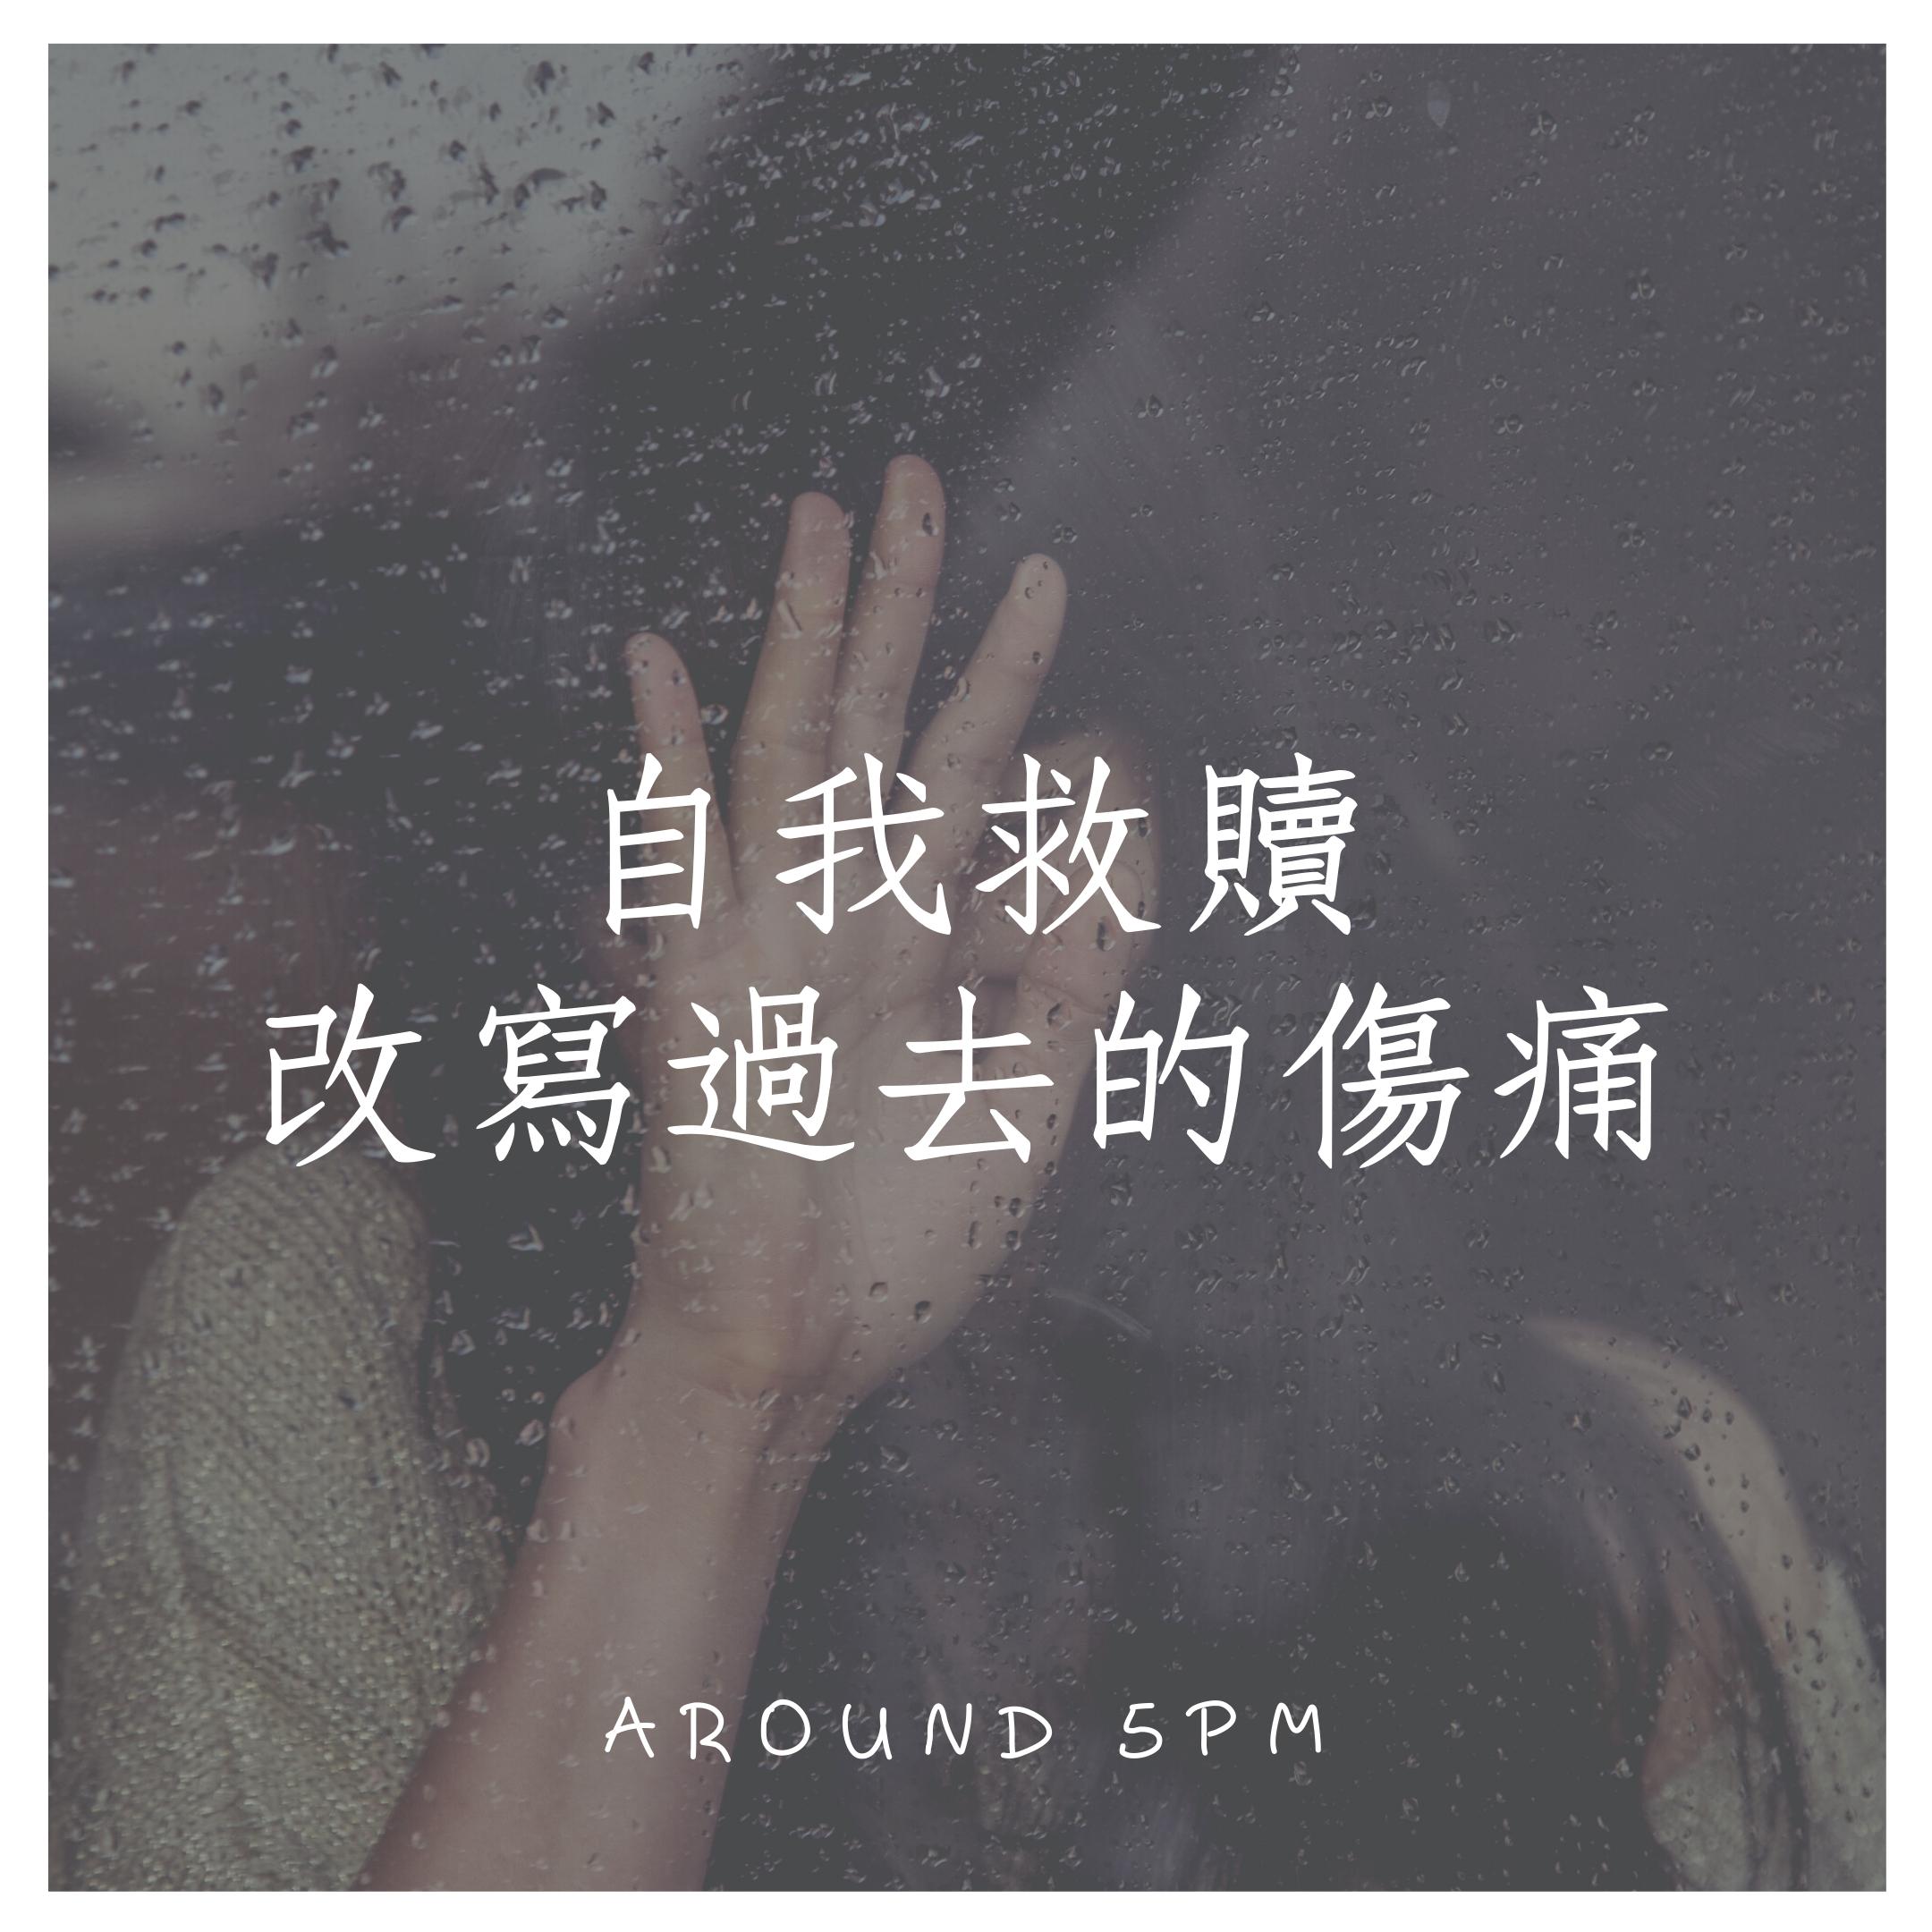 EP.54 自我救贖:改寫過去經歷過的傷痛